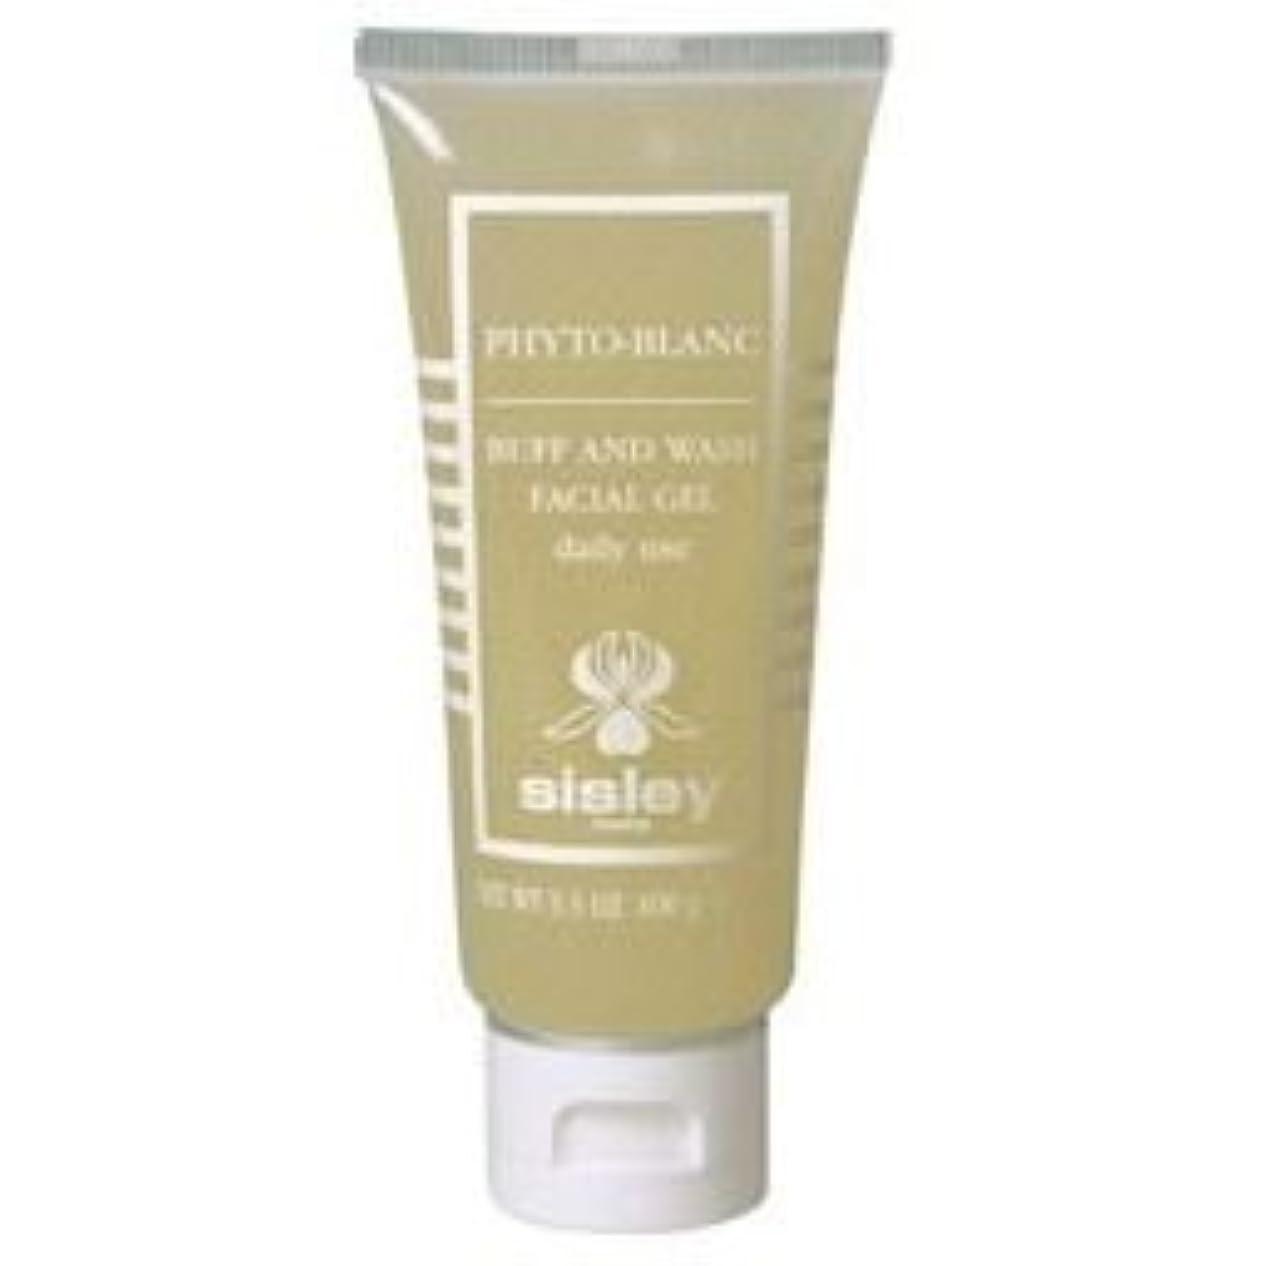 まともな川摂動[Sisley] シスレーフィトブランバフ&ウォッシュ100ミリリットル - Sisley Phyto-Blanc Buff & Wash 100ml [並行輸入品]